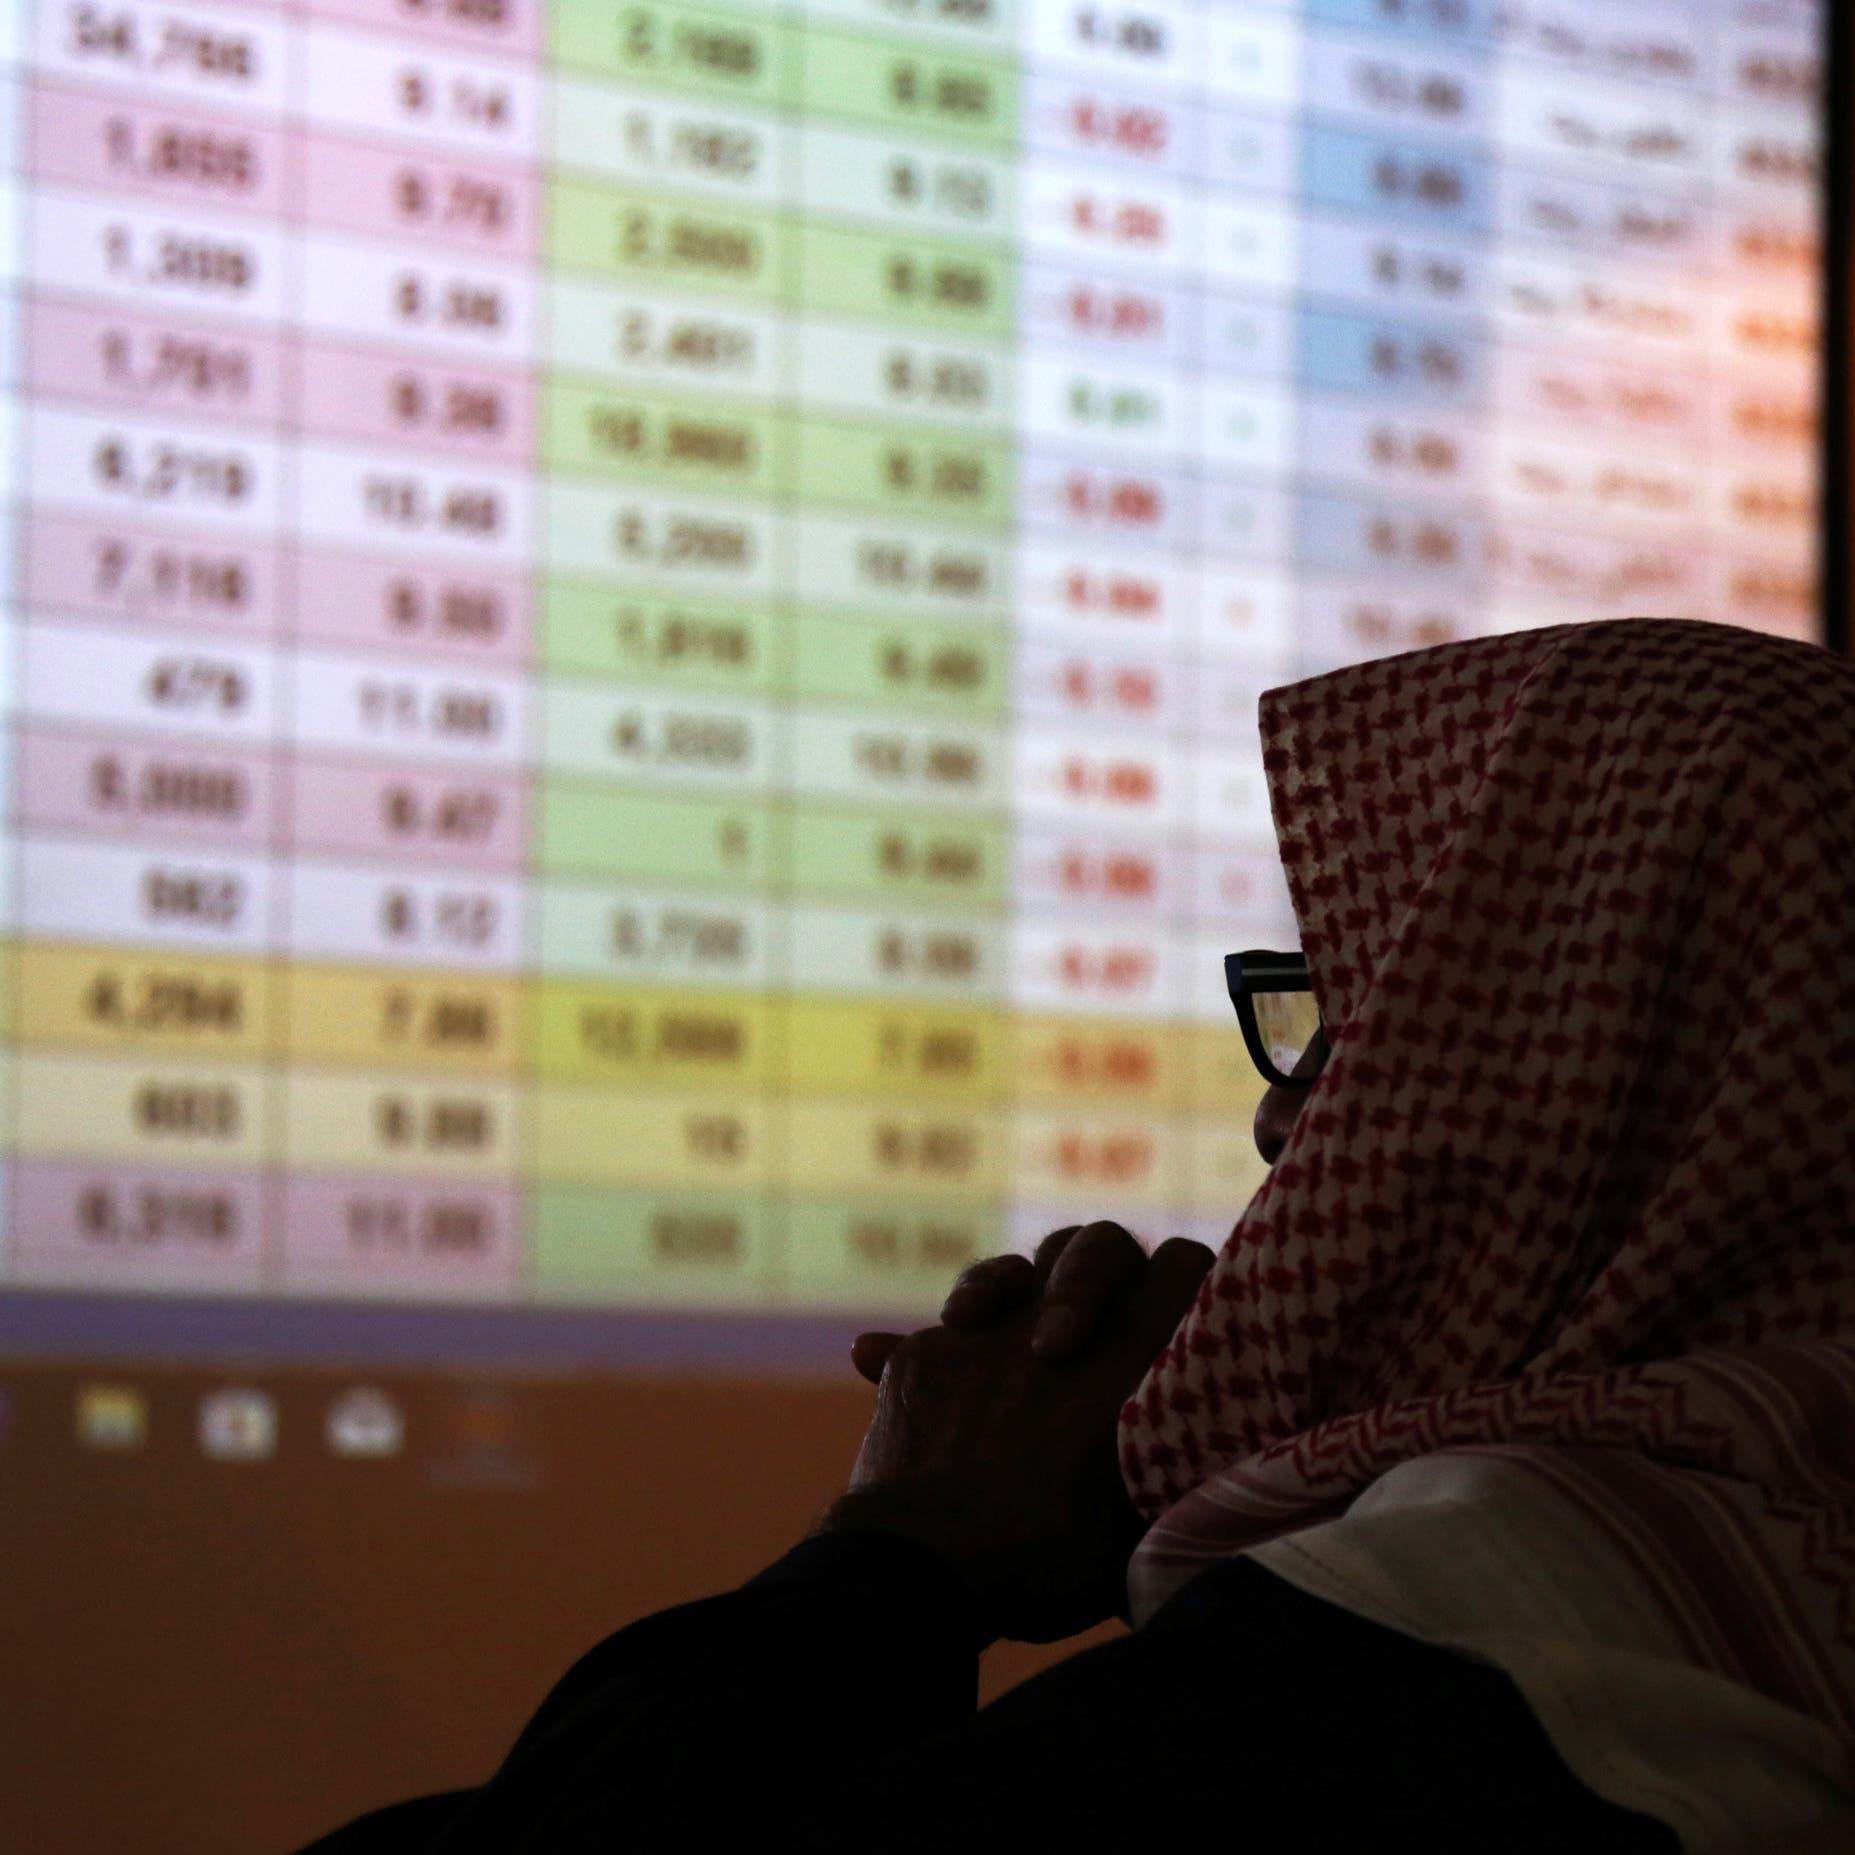 مكاسب للأسهم في معظم أسواق الخليج مع ارتفاع أسعار النفط